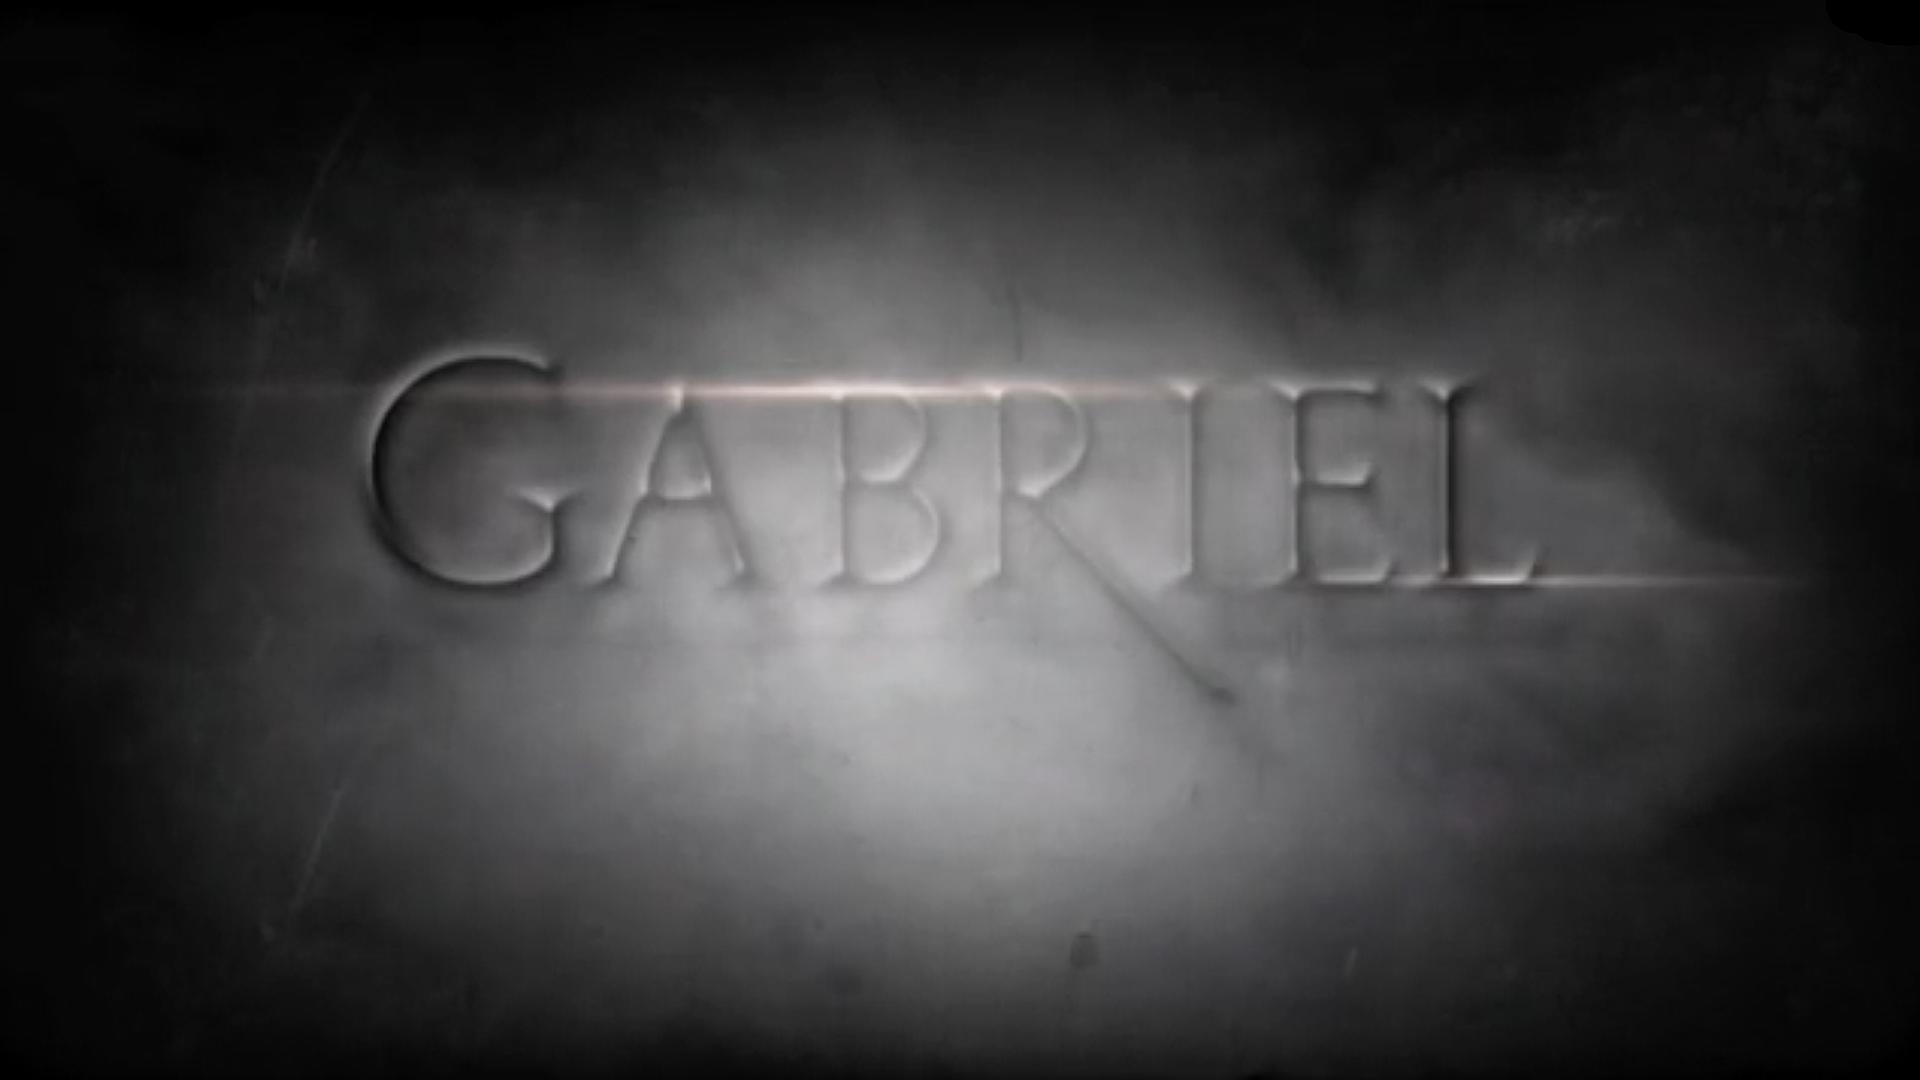 GABRIEL SAISON 1